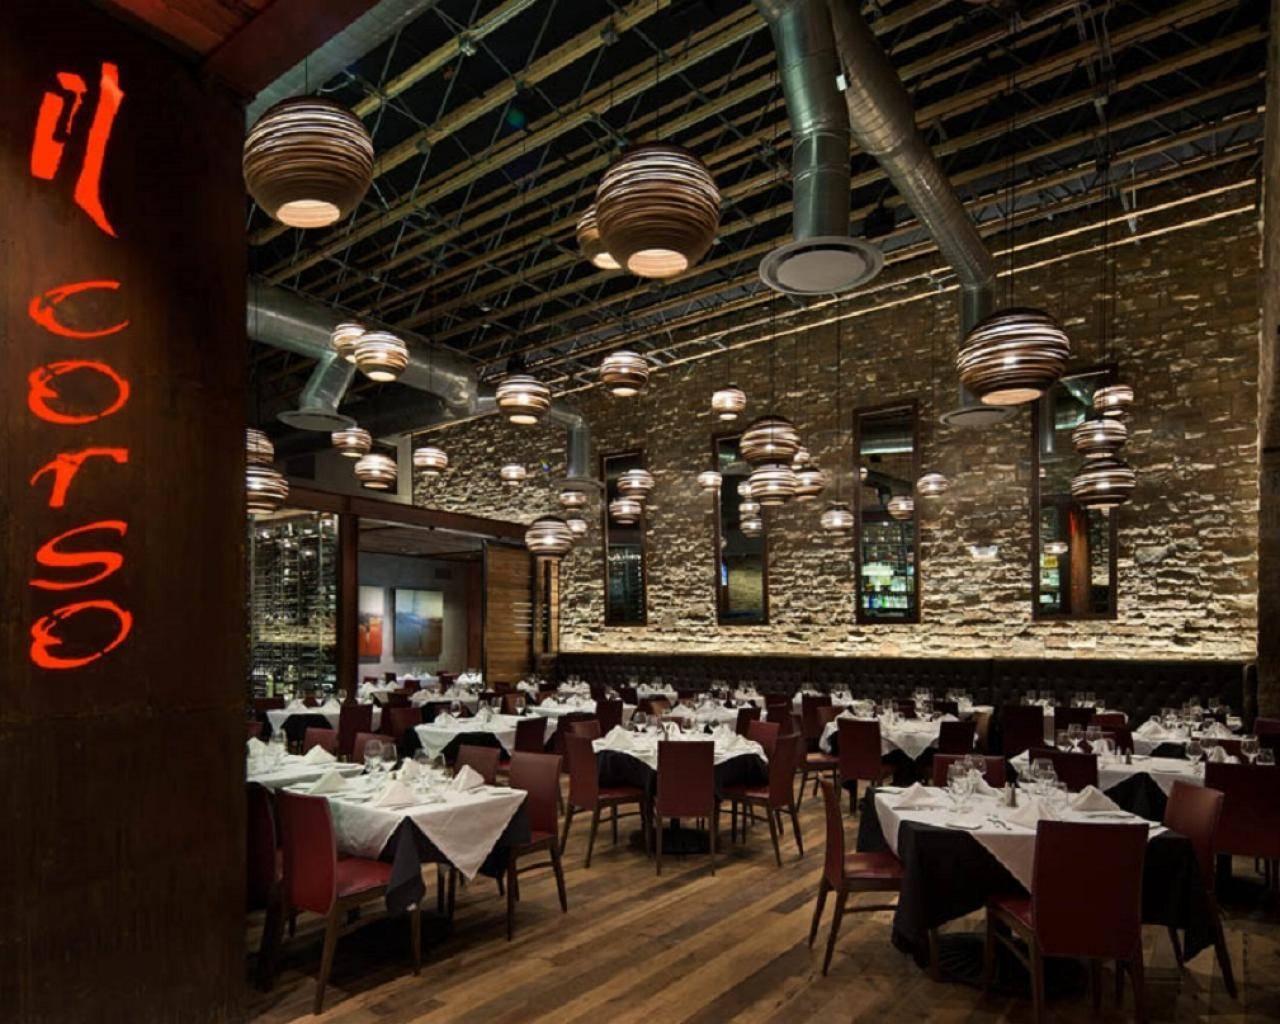 Pendant Lighting For Restaurants. Rustic Sconces Barn Light intended for Restaurant Pendant Lighting Fixtures (Image 15 of 15)